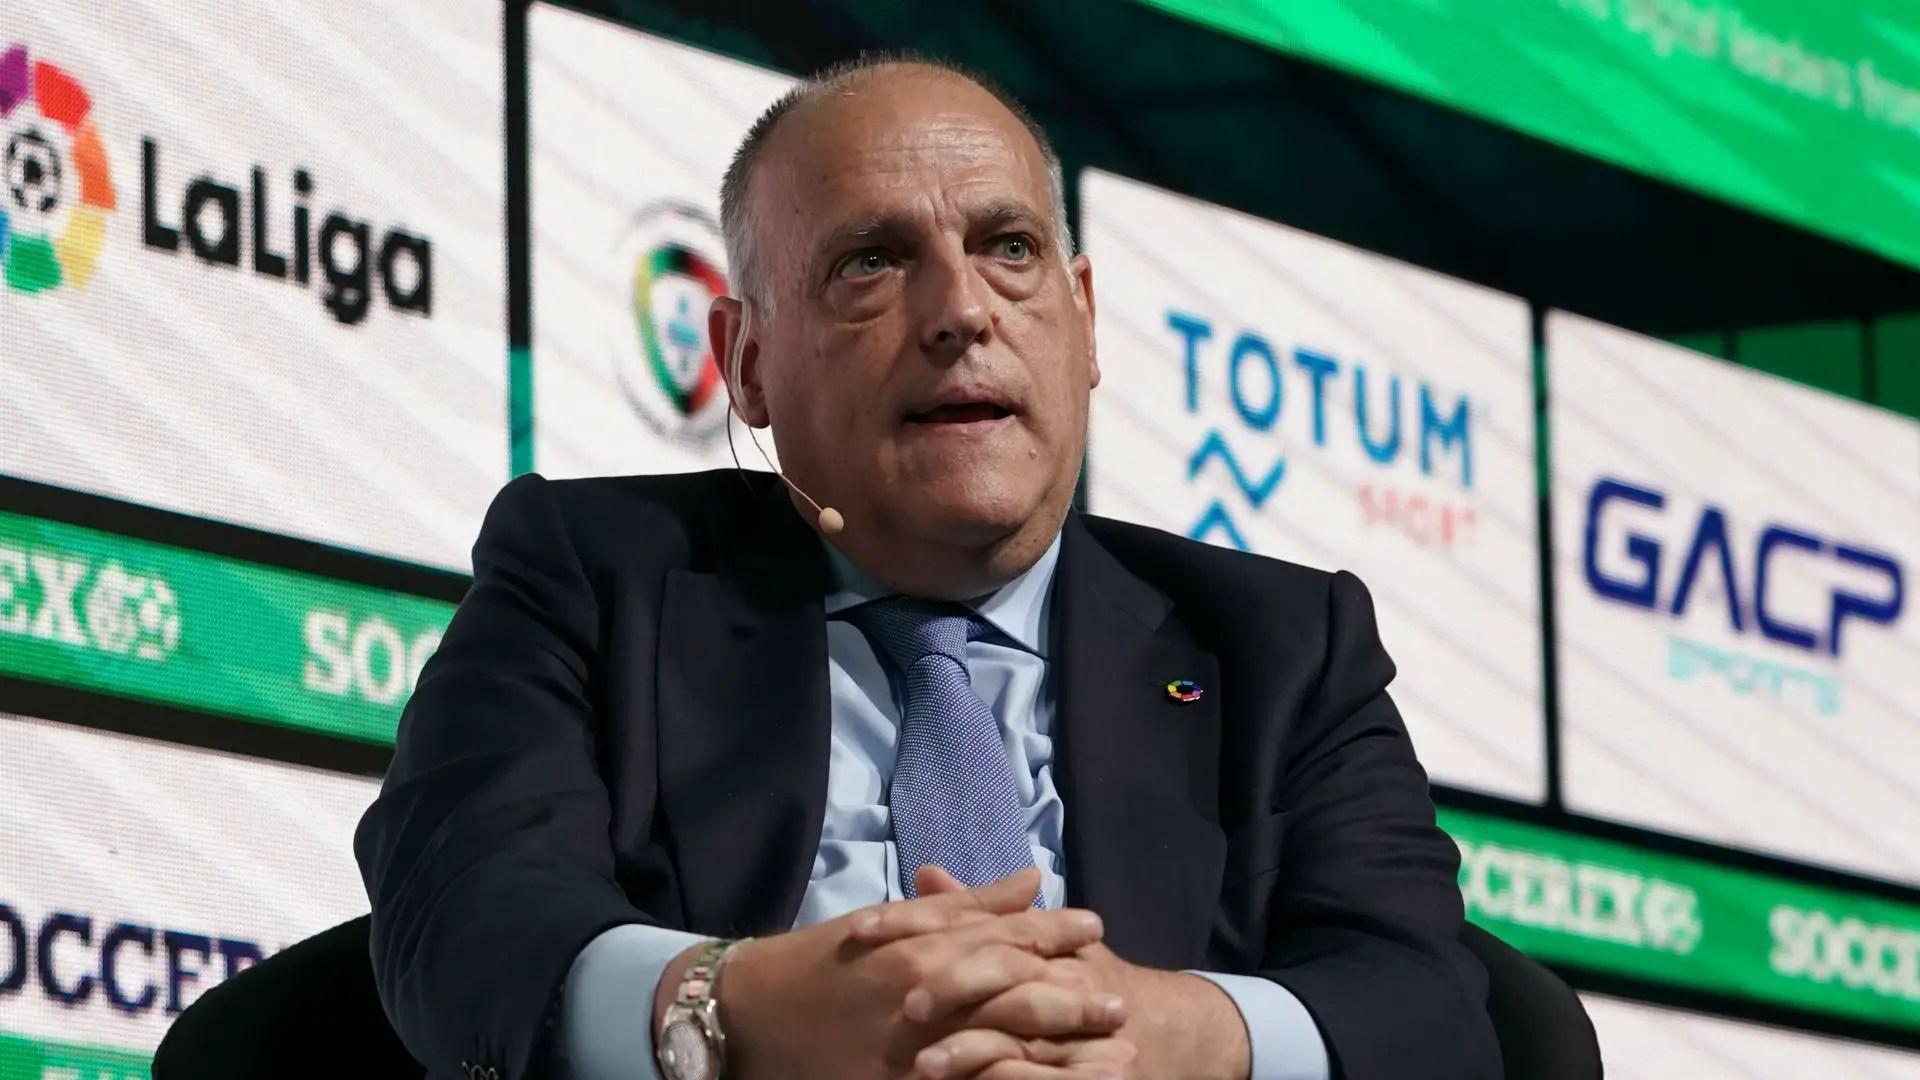 Laliga President Tebas Speaks On 2019/20 Season Restart Date, Safety Measures